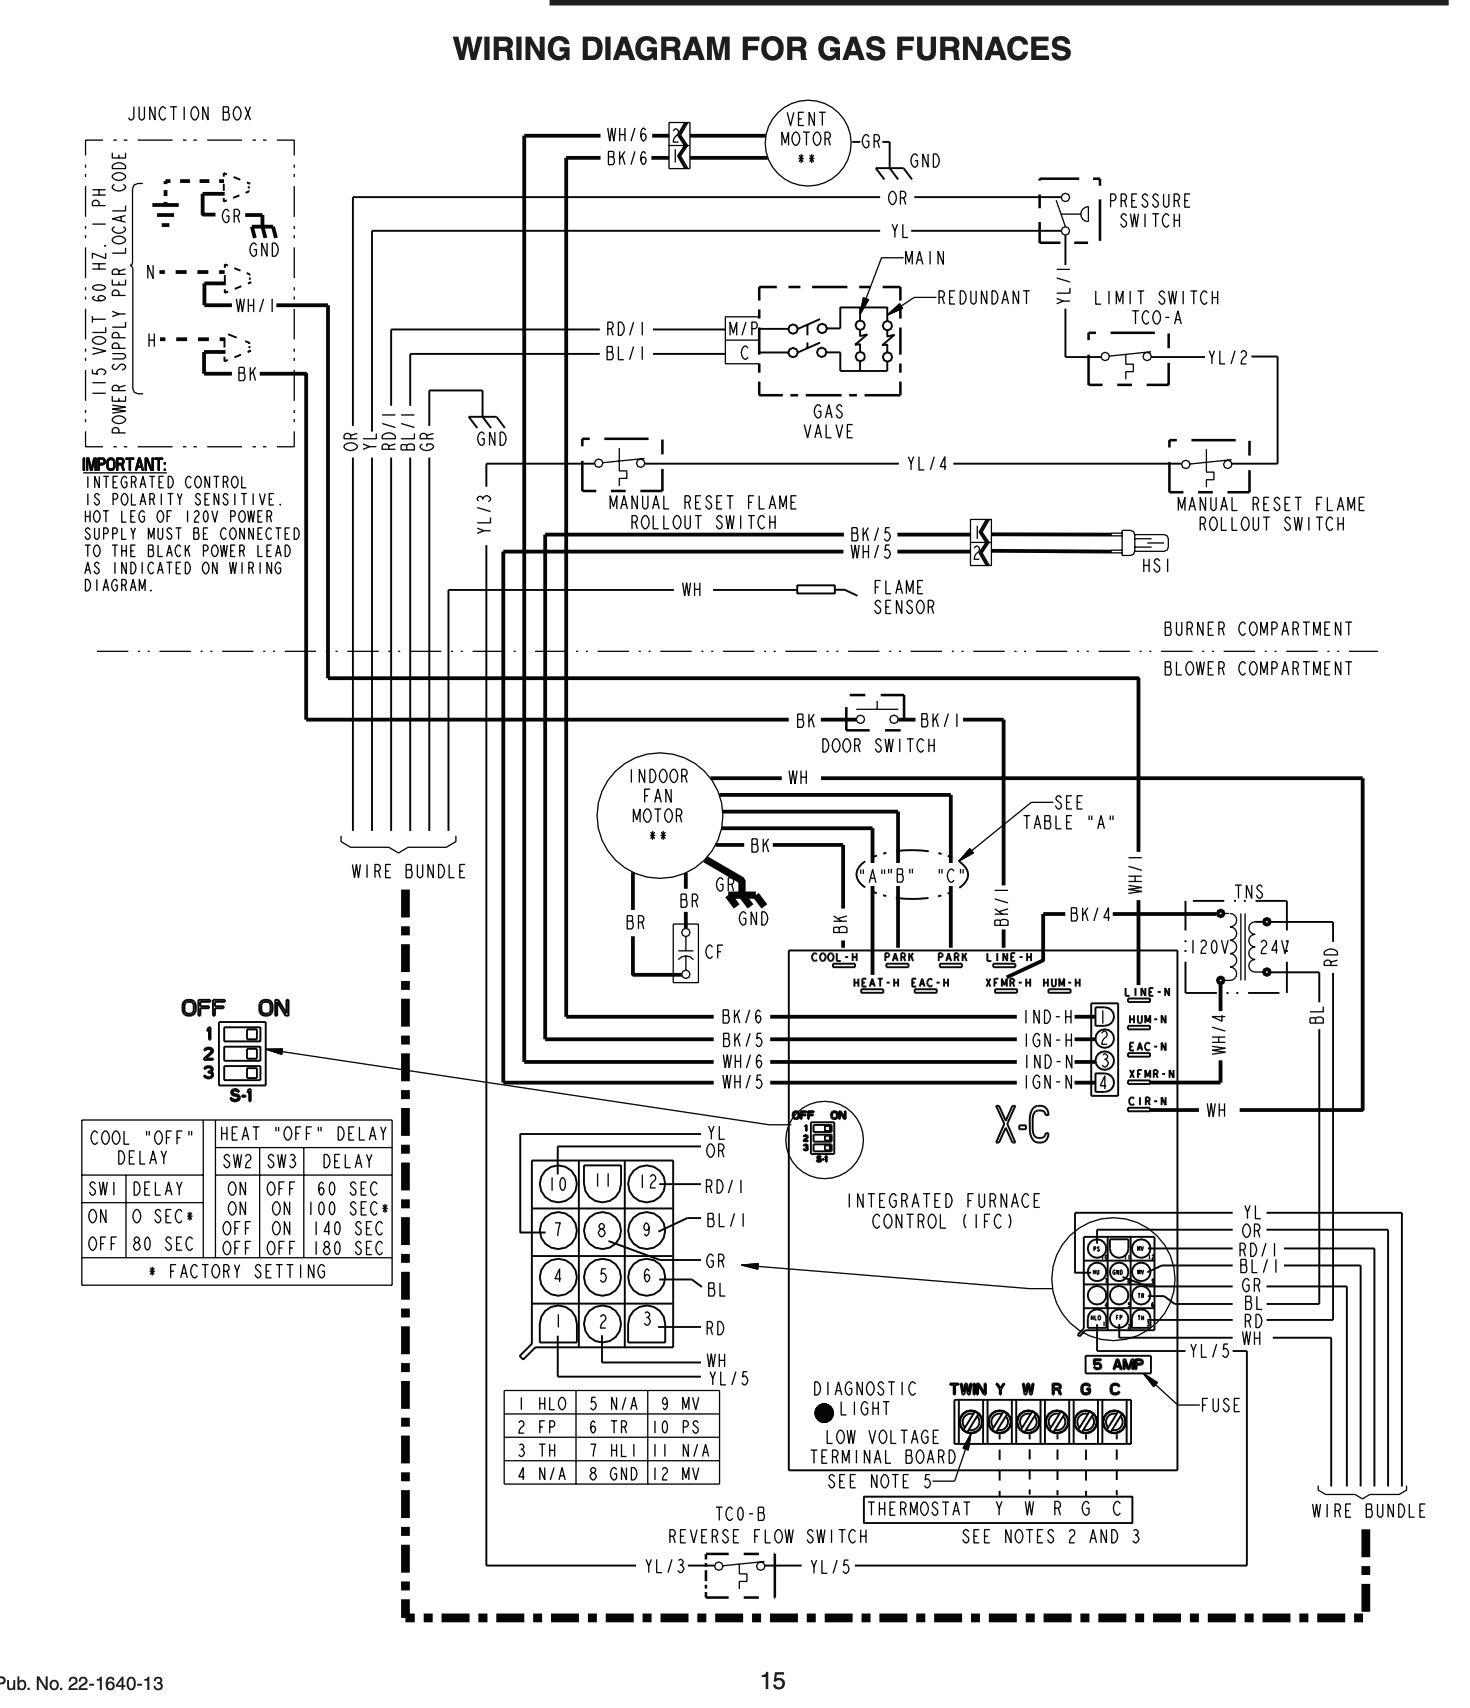 fenwal ignition module wiring diagram hvac wiring diagrams schema rh 13 sdf hartmannphoto de